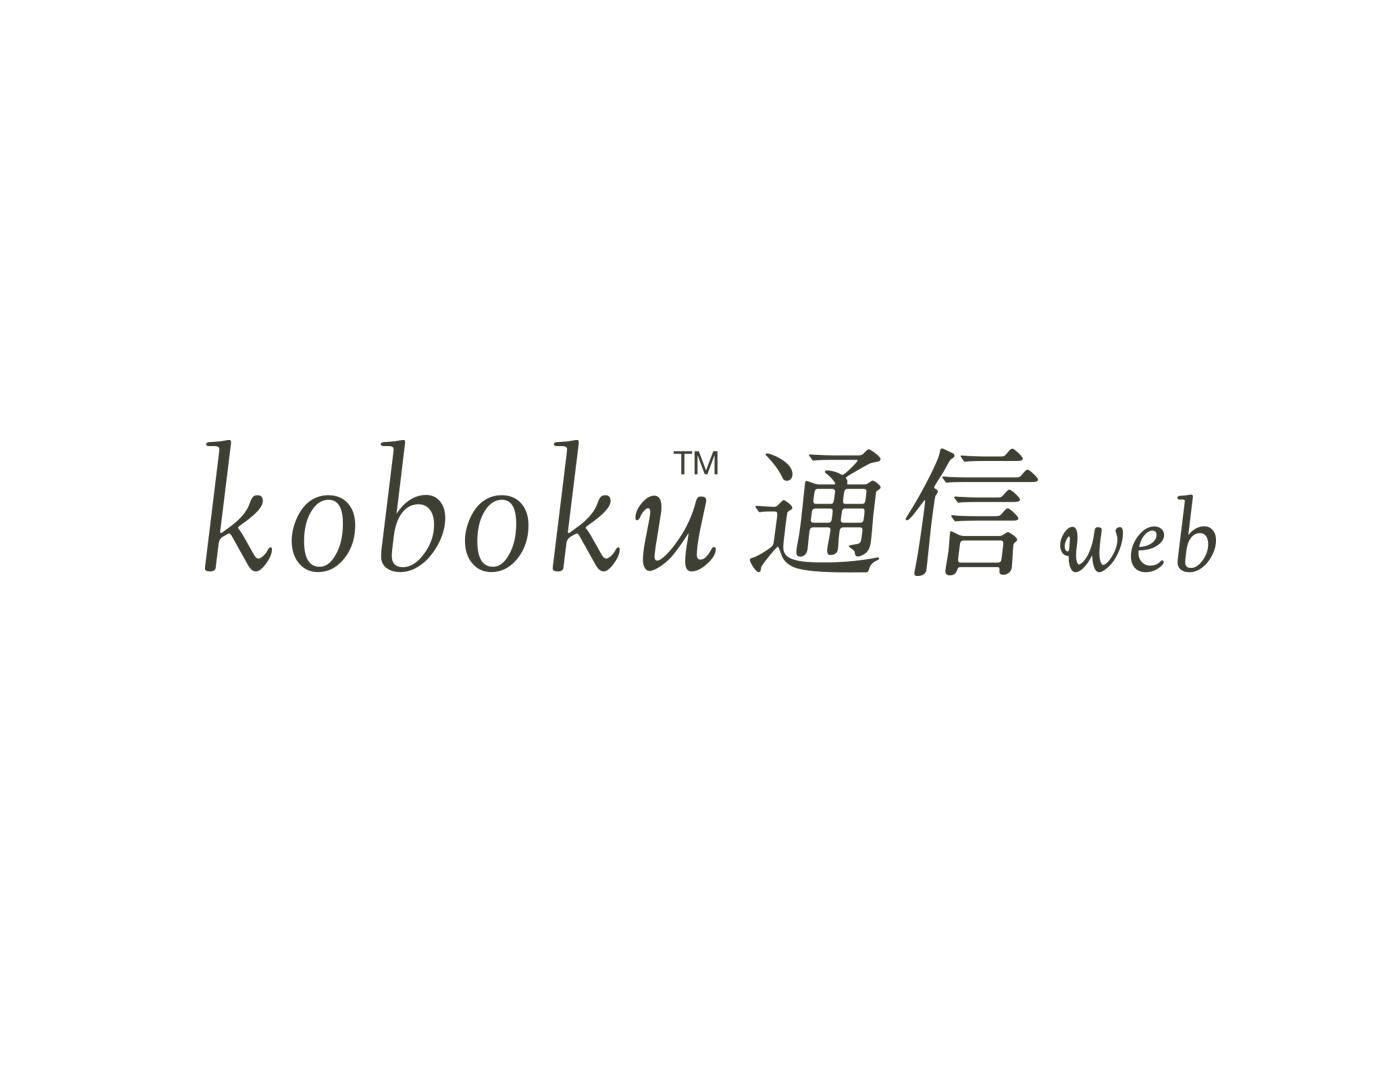 koboku通信web